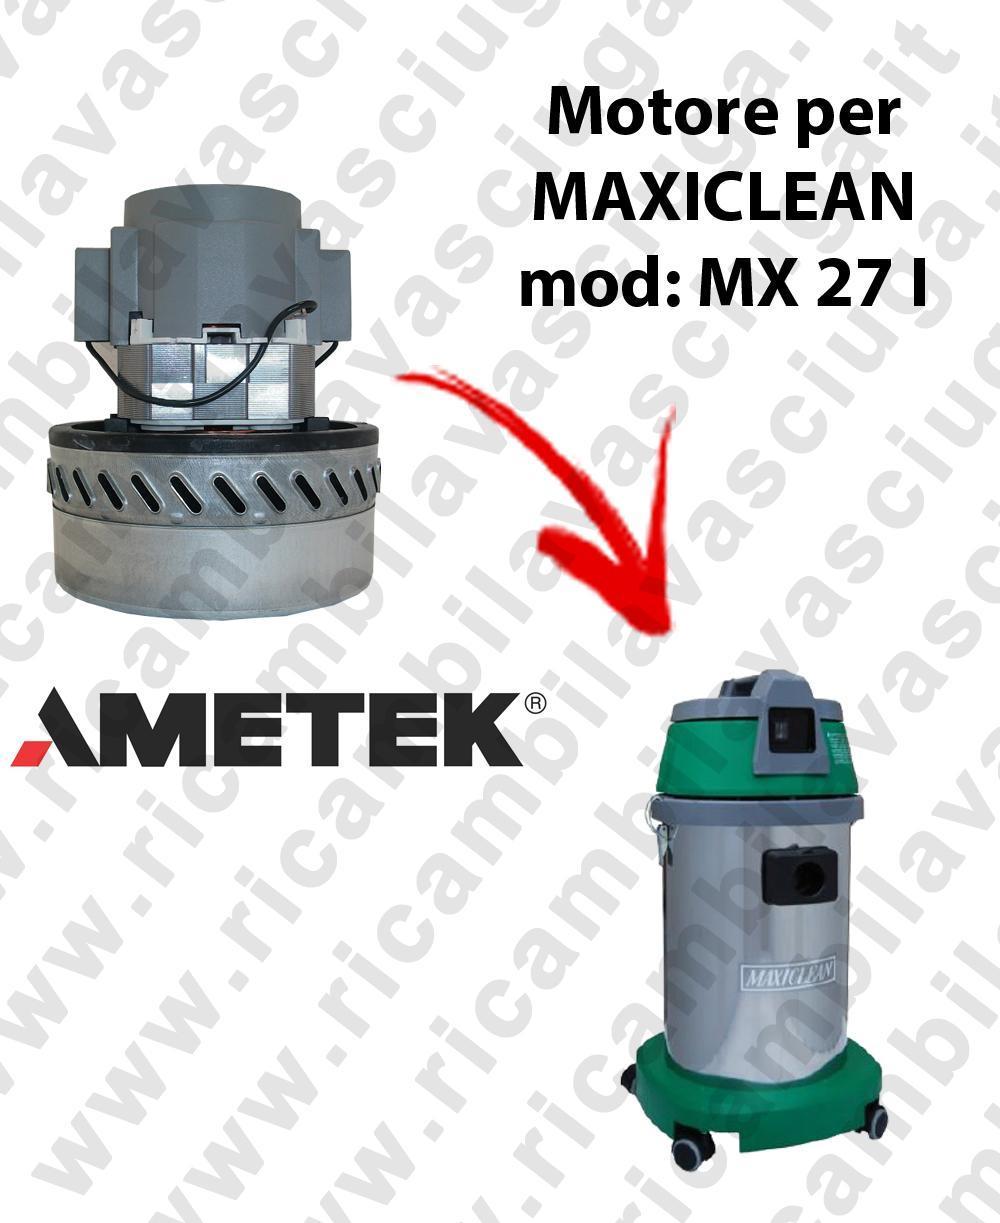 MX 27 I Saugmotor AMETEK für Staubsauger und trockensauger MAXICLEAN